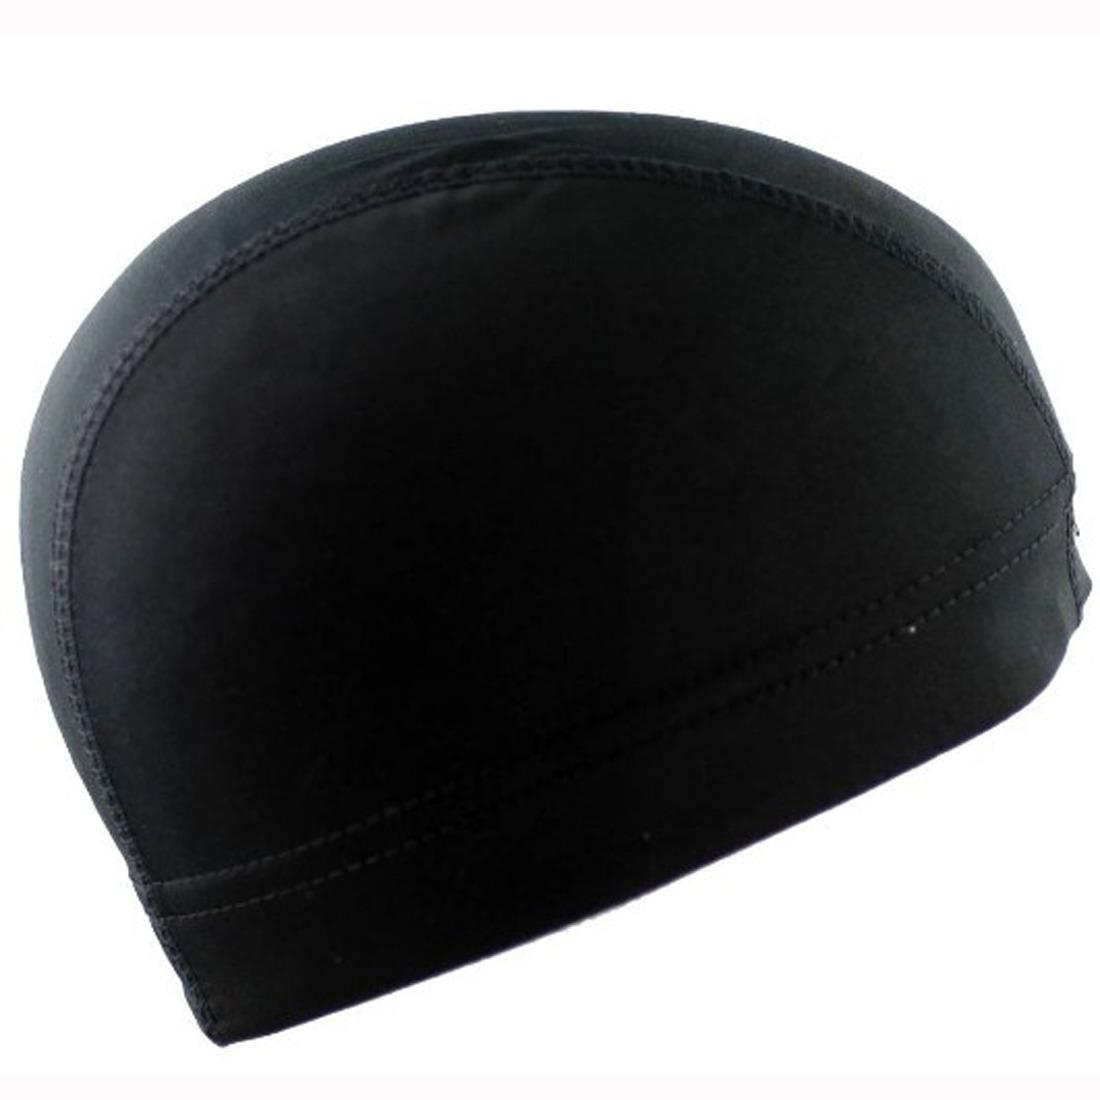 08e106ac315b2 ropa para turbante hip hop tapa domo elastico cap fxnj. Cargando zoom.